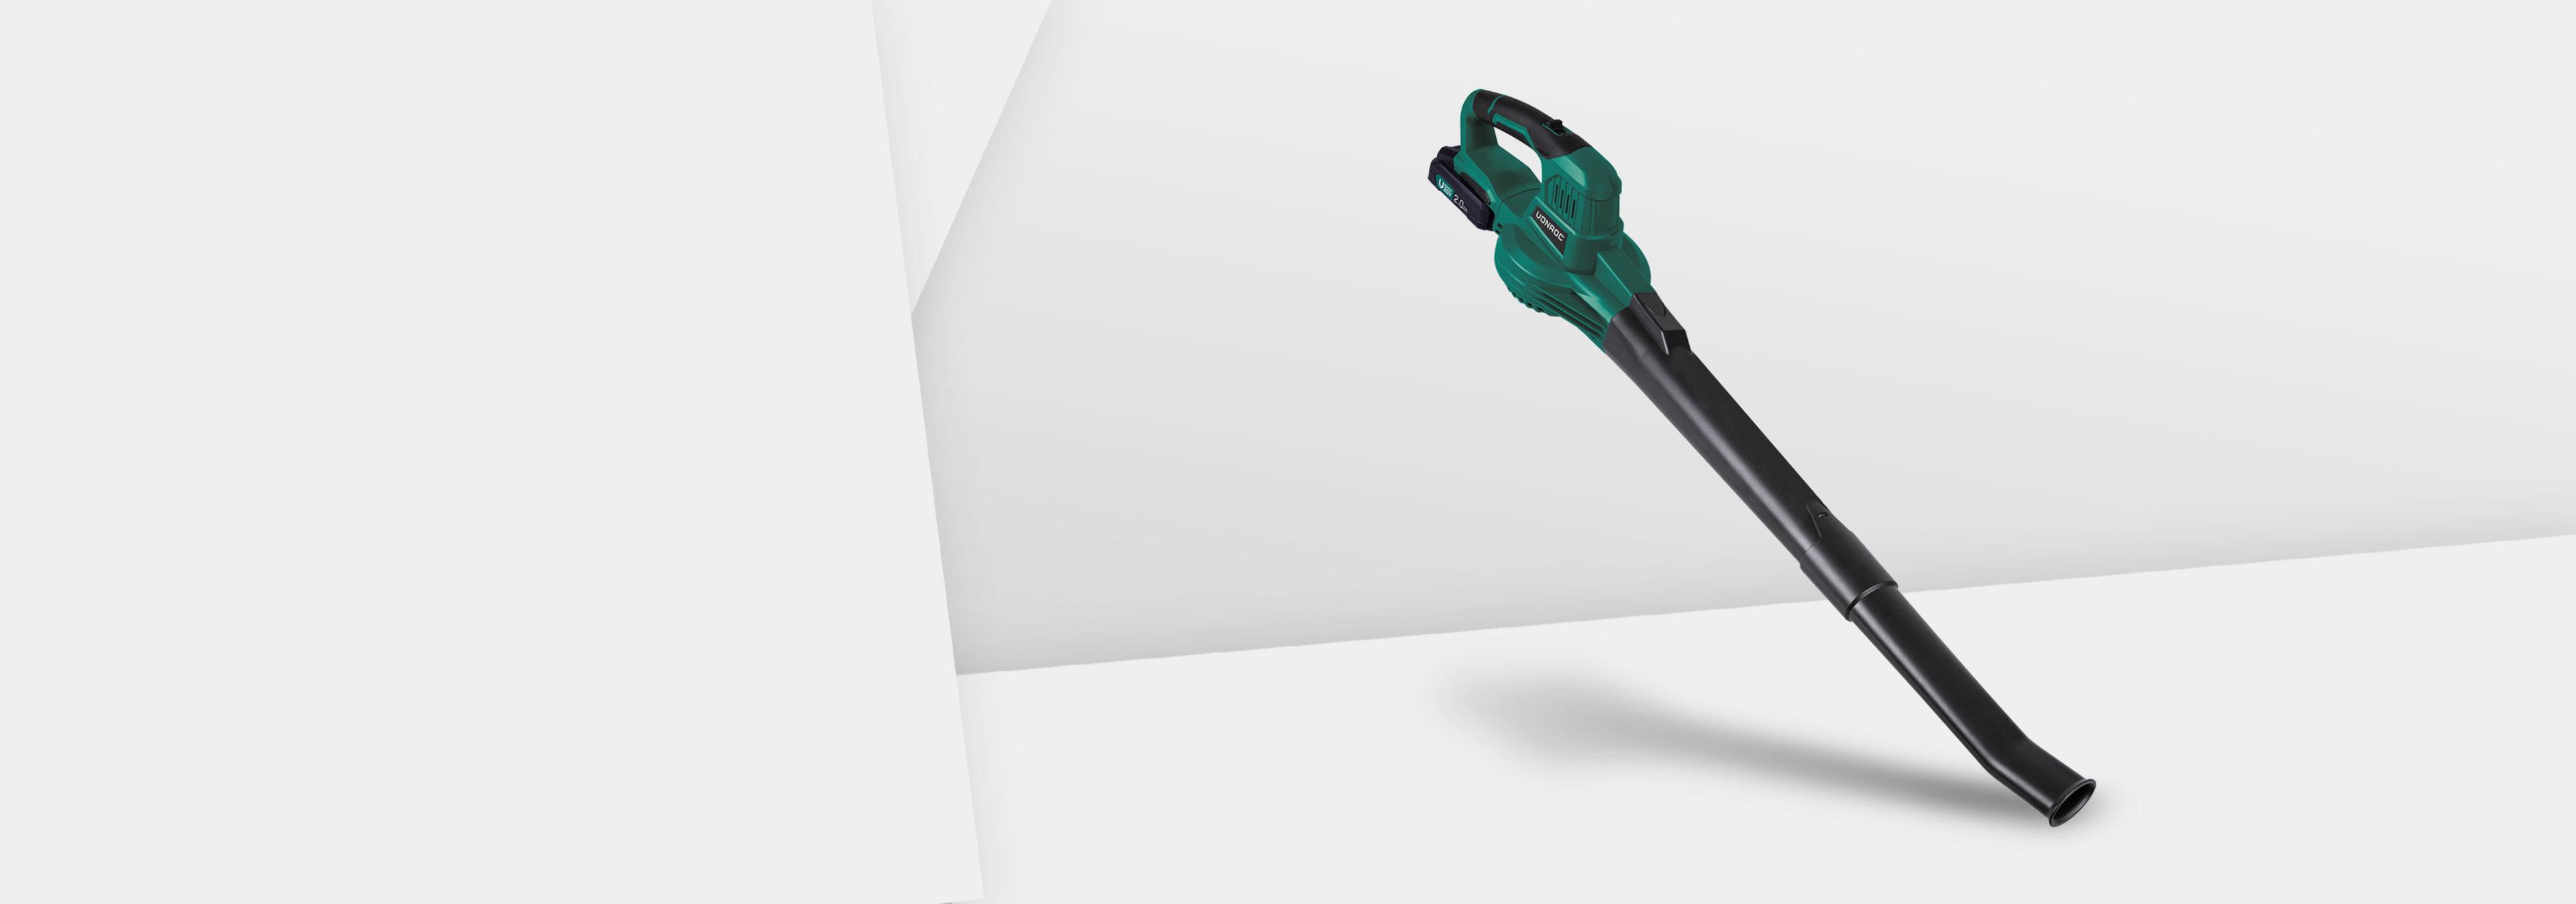 Leaf blowers - FR>